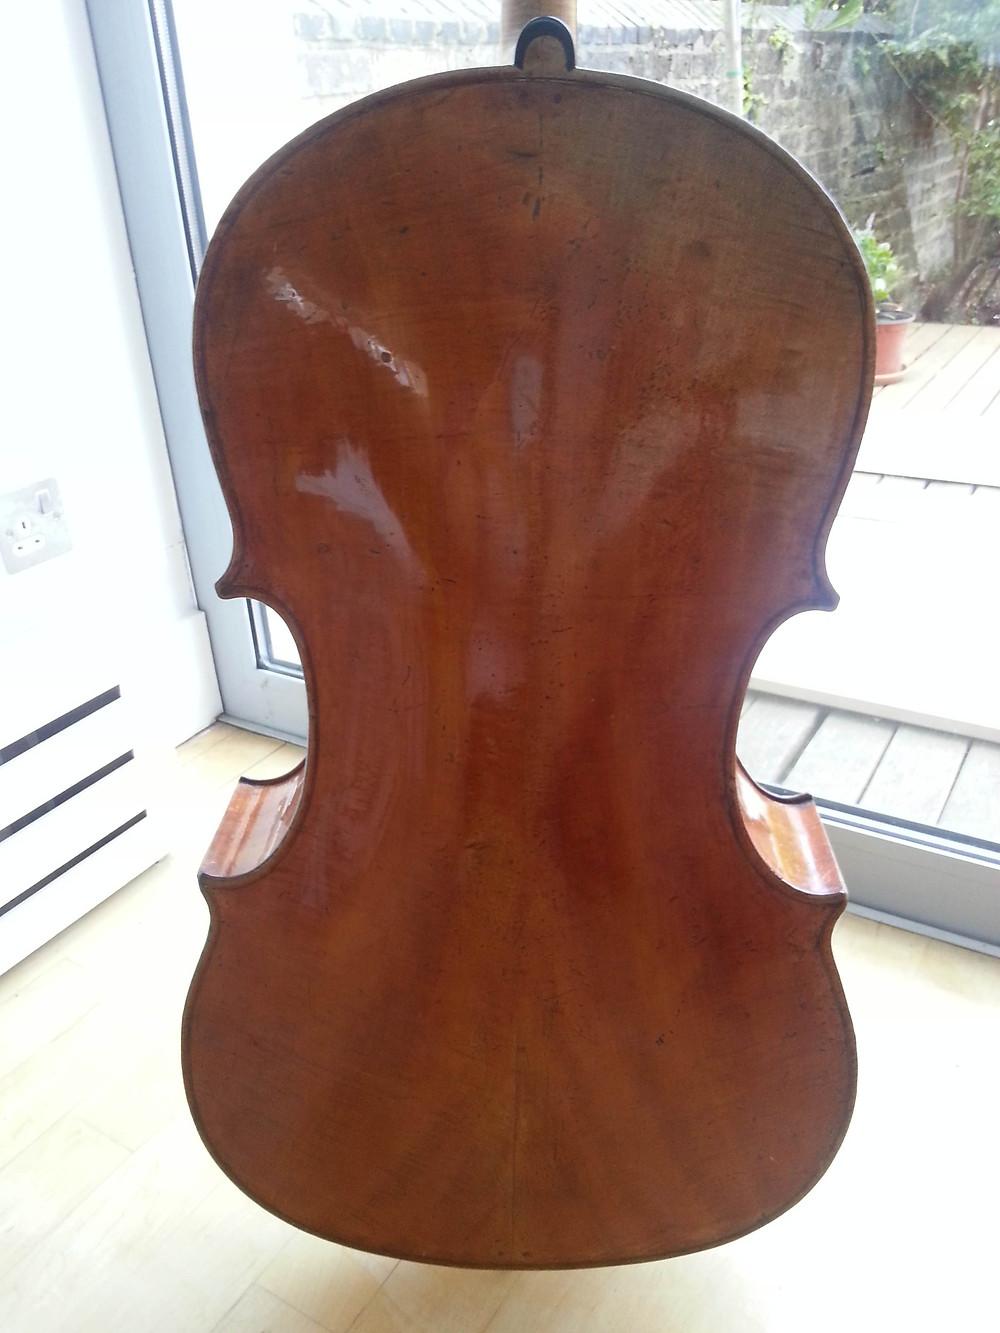 'Simpson' Guadagnini cello back